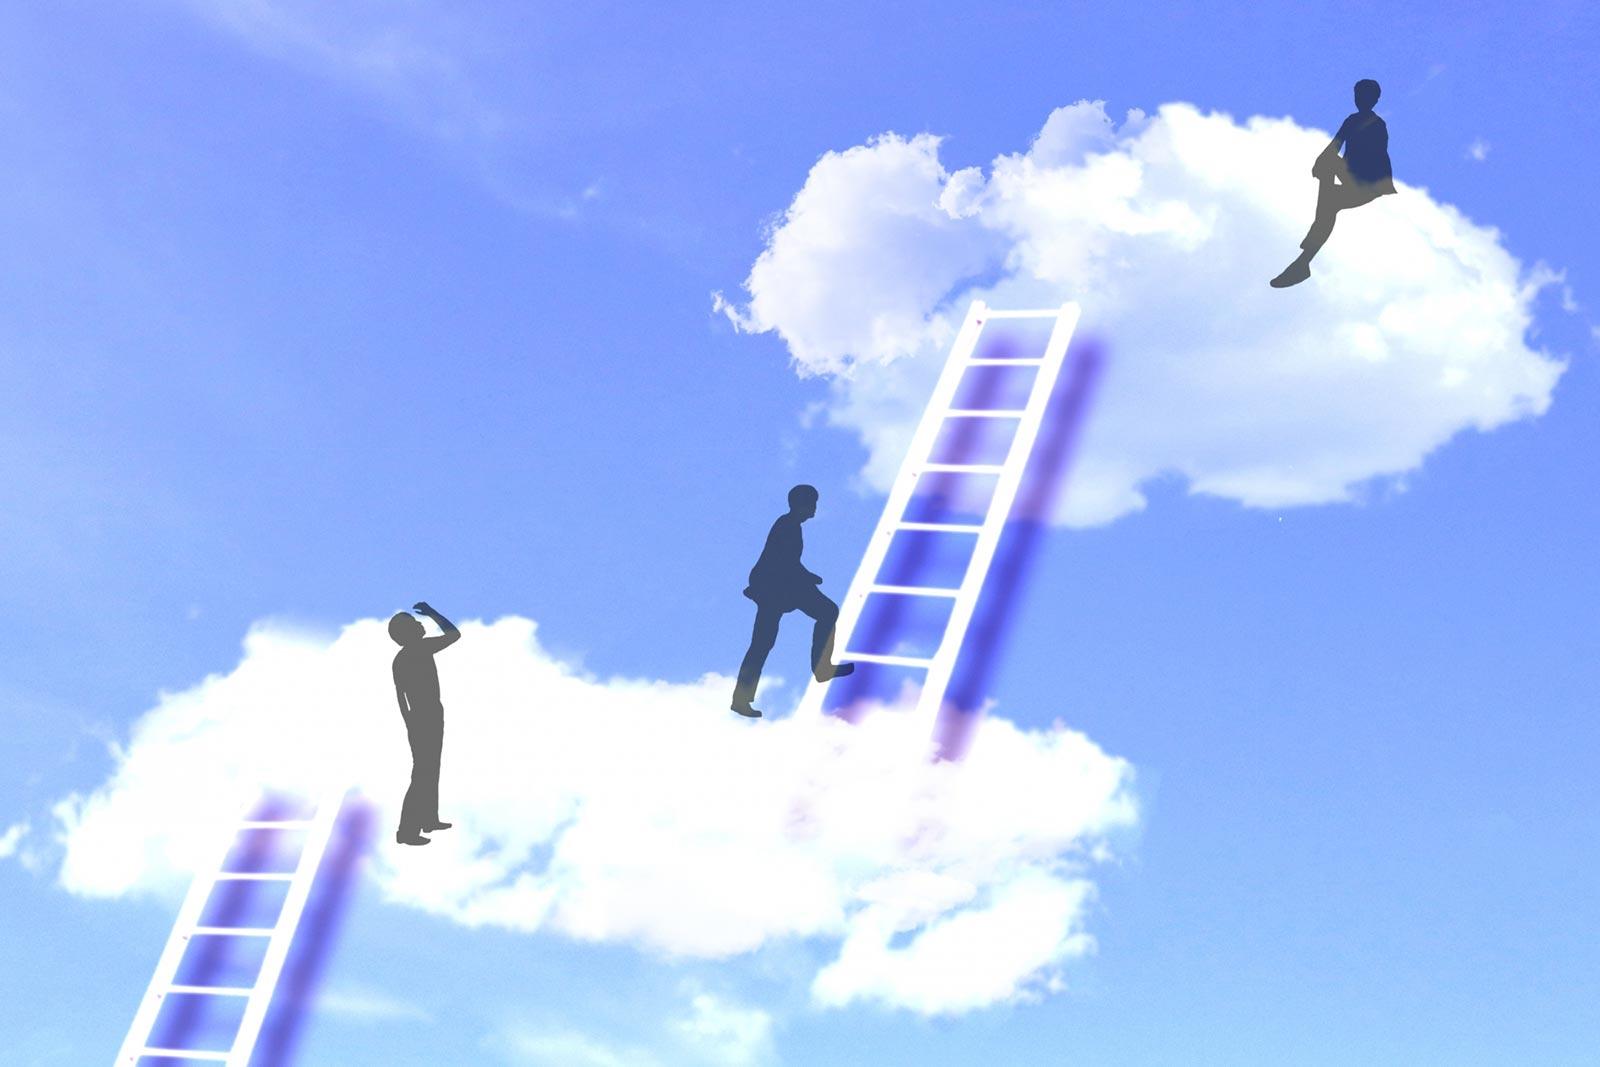 雲に梯子をかけたイメージ画像